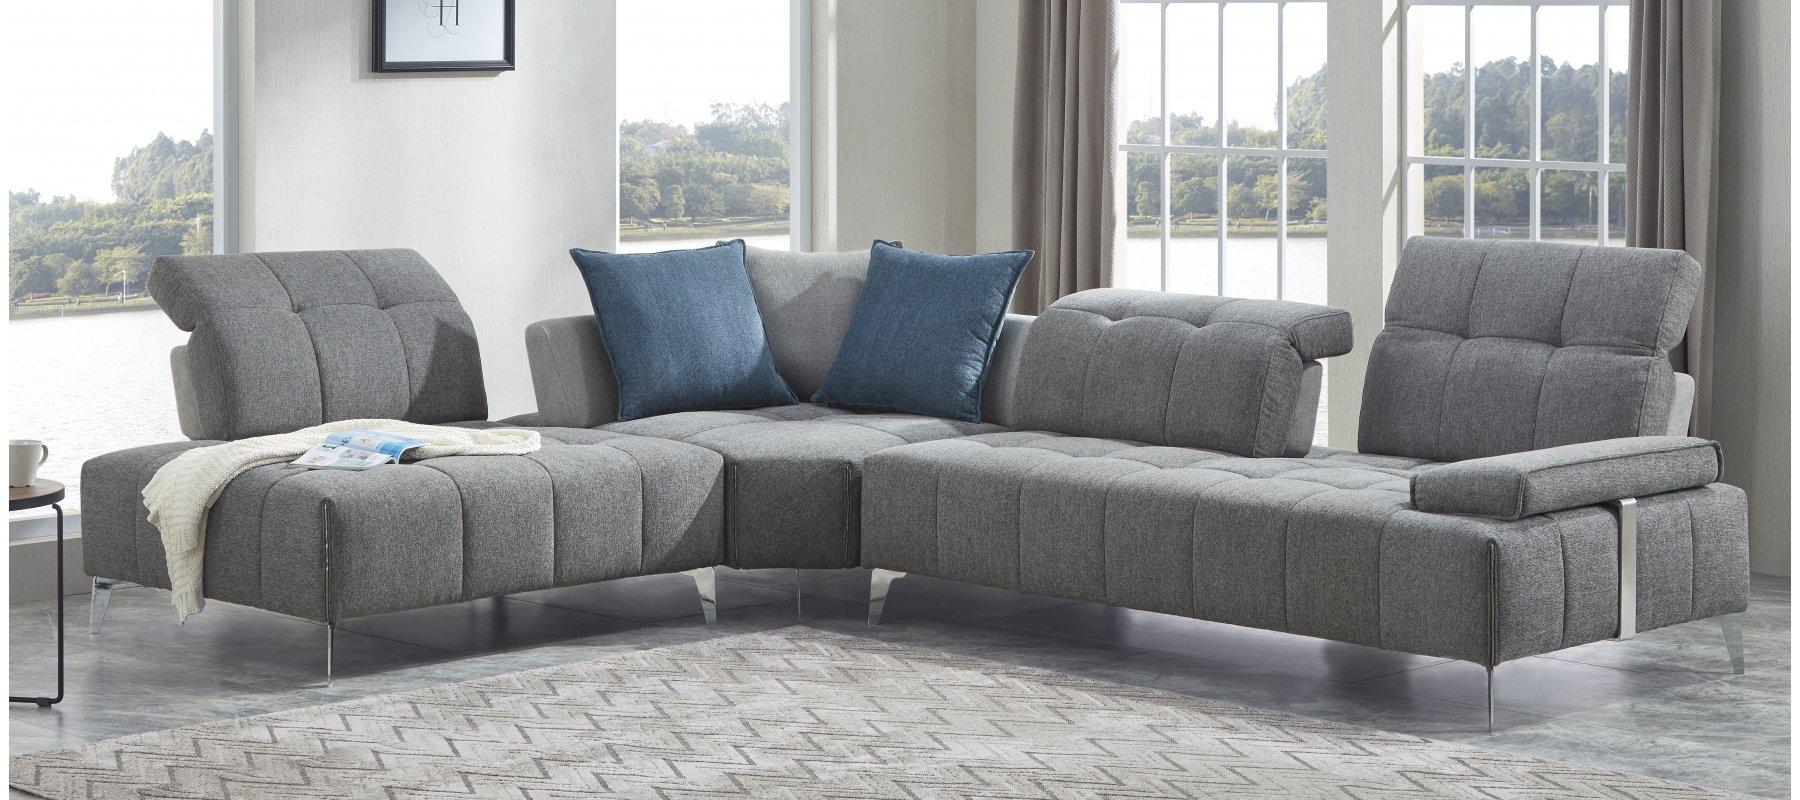 Canapé d'angle 5 places fixe PANORAMA avec méridienne à gauche - Largeur